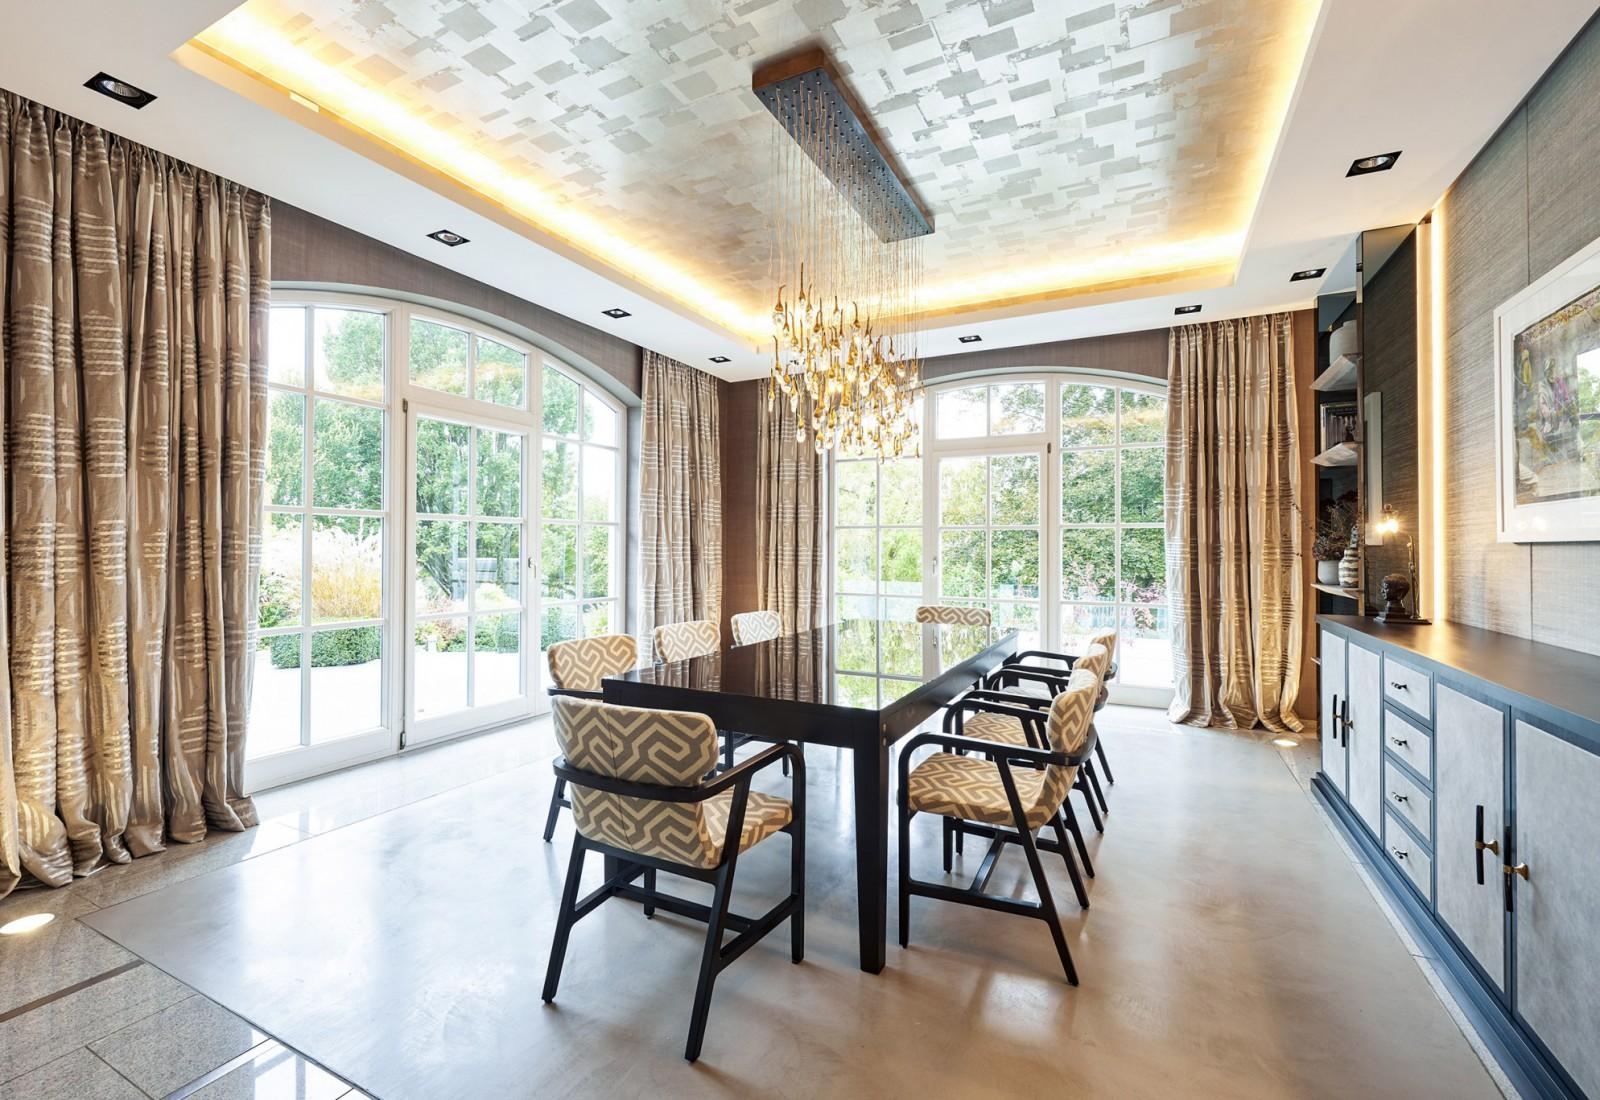 Hier sehen Sie ein Bild von Essbereich - RAUM contemporary interior